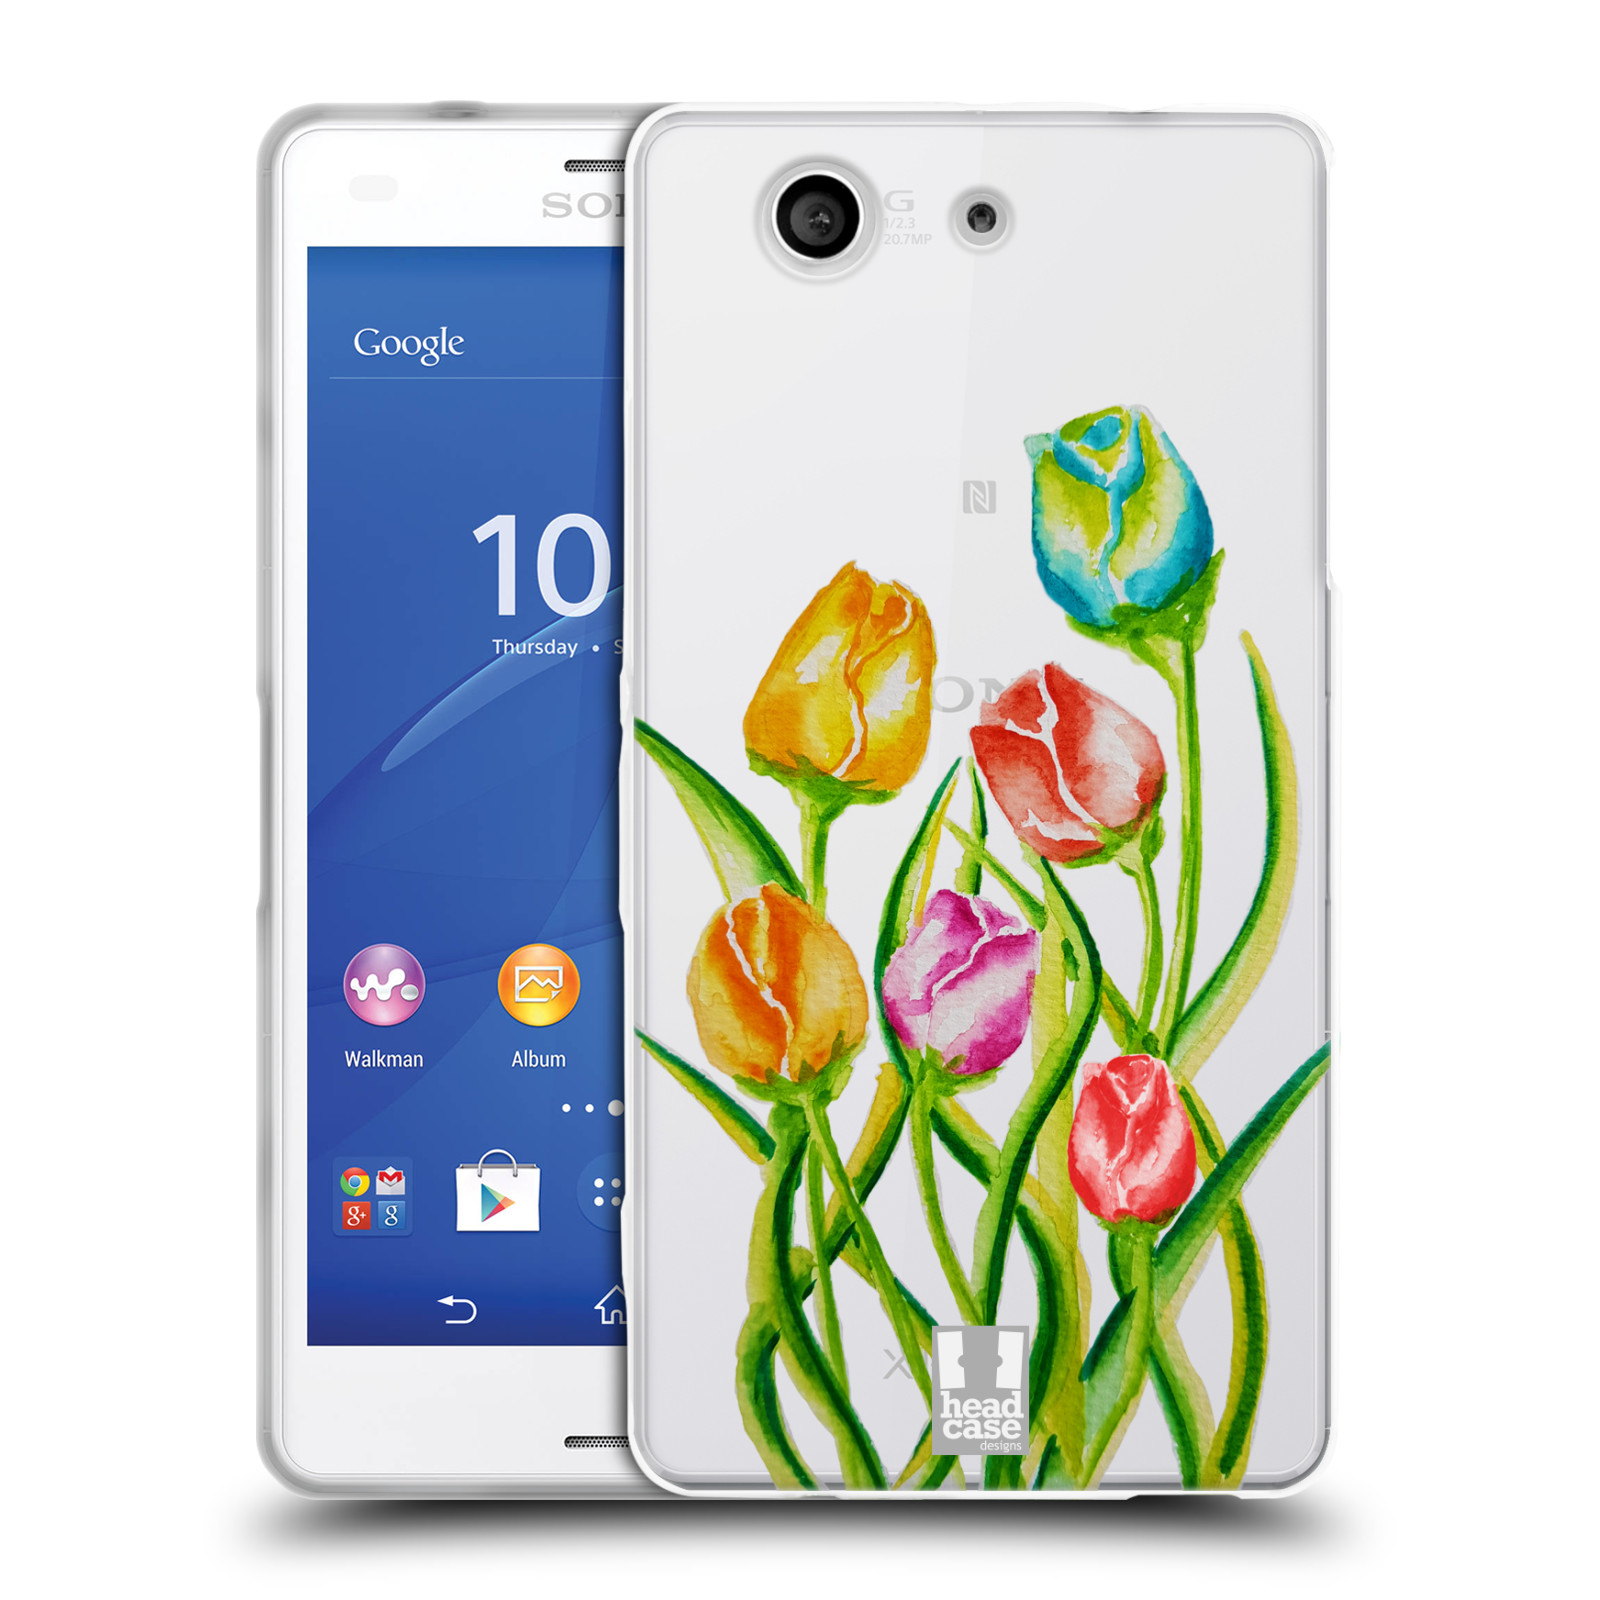 HEAD CASE silikonový obal na mobil Sony Xperia Z3 COMPACT Květina Tulipán vodní barvy